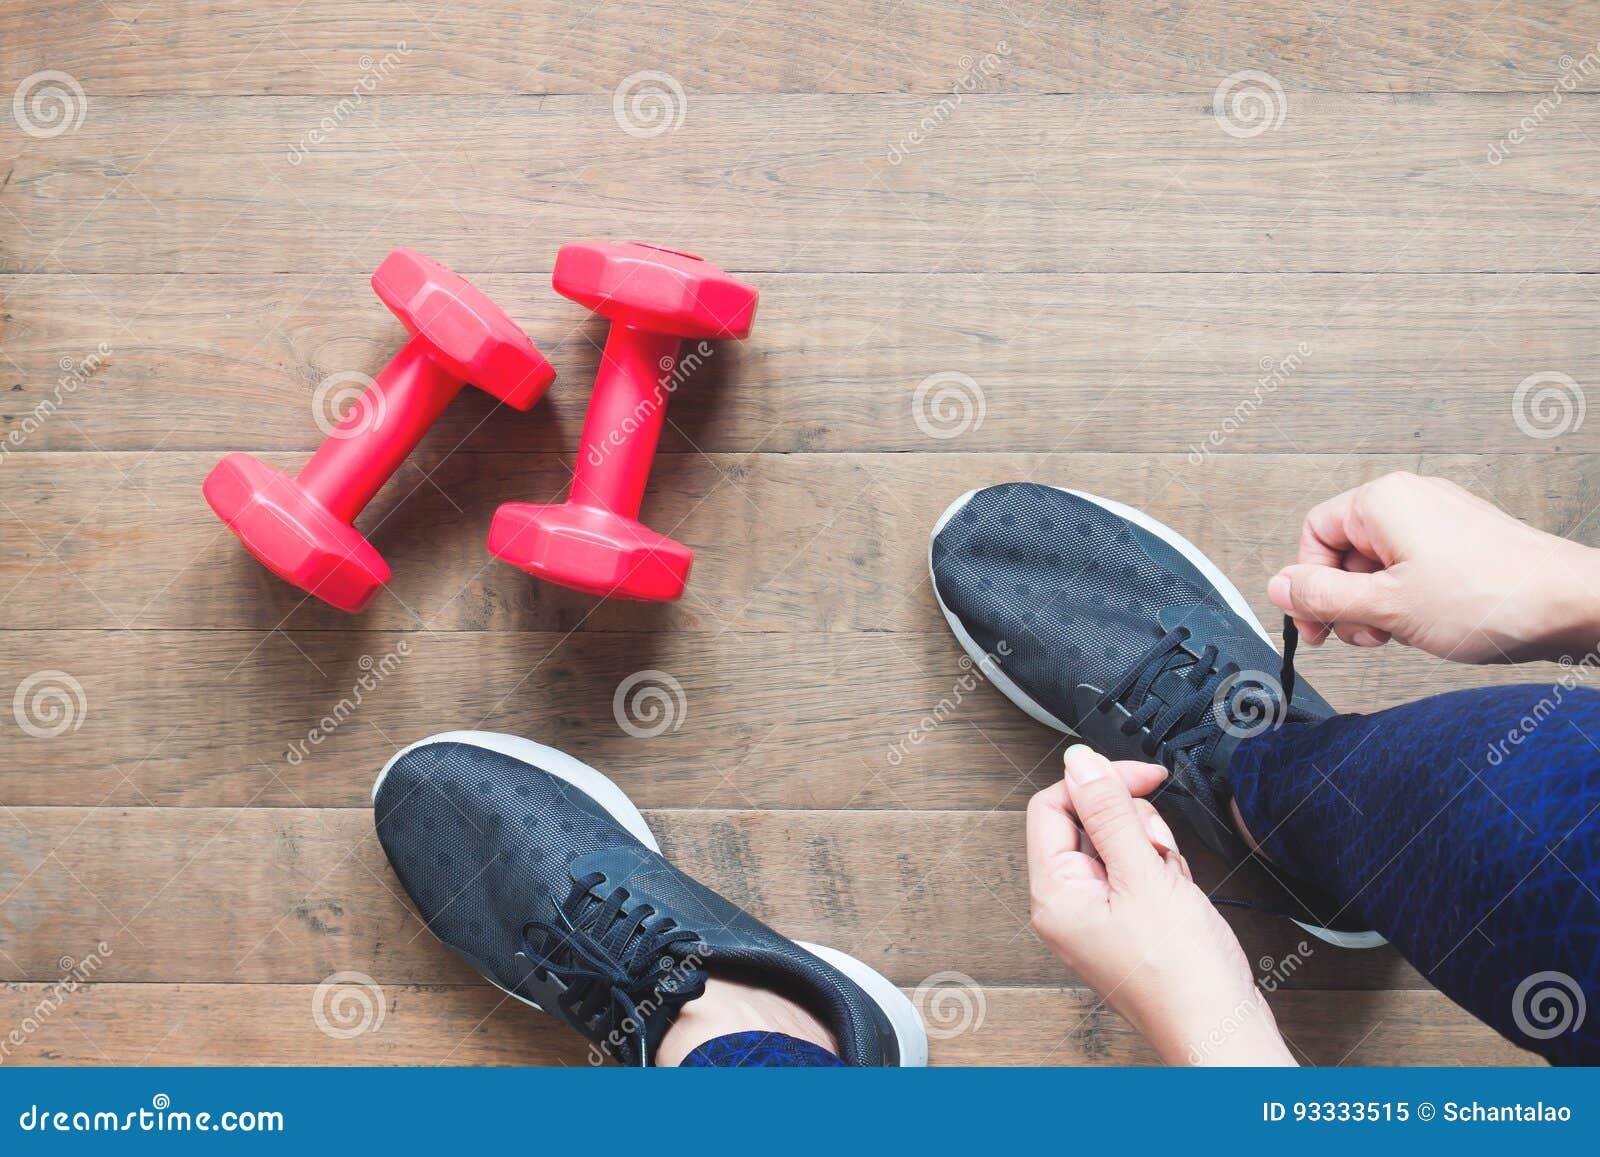 Attachant des chaussures de sport, femme asiatique étant prête pour la formation de poids Exercice, formation de forme physique S